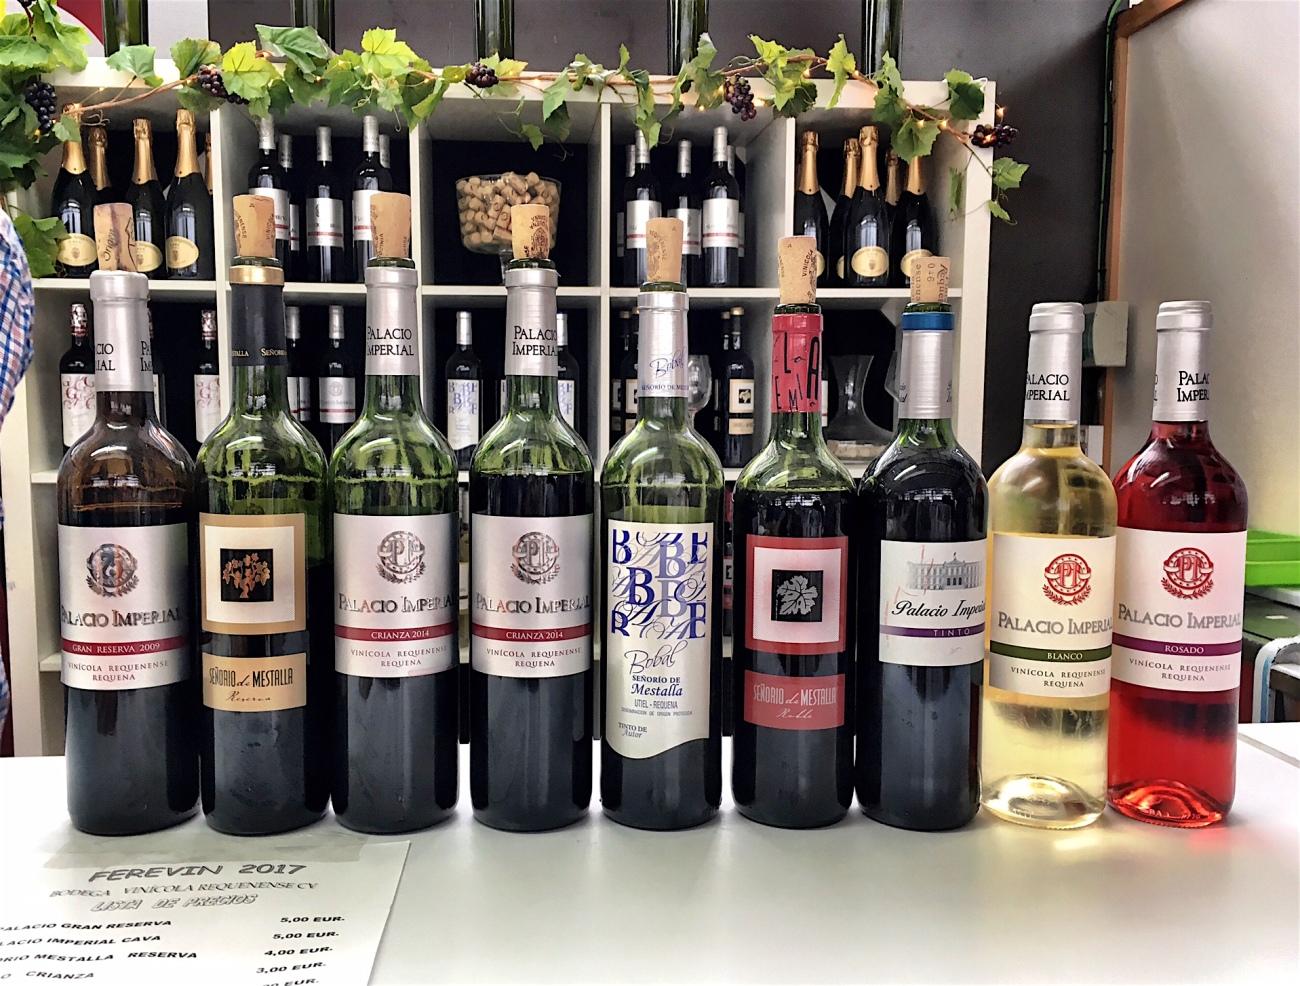 Palacio-Imperial-wines